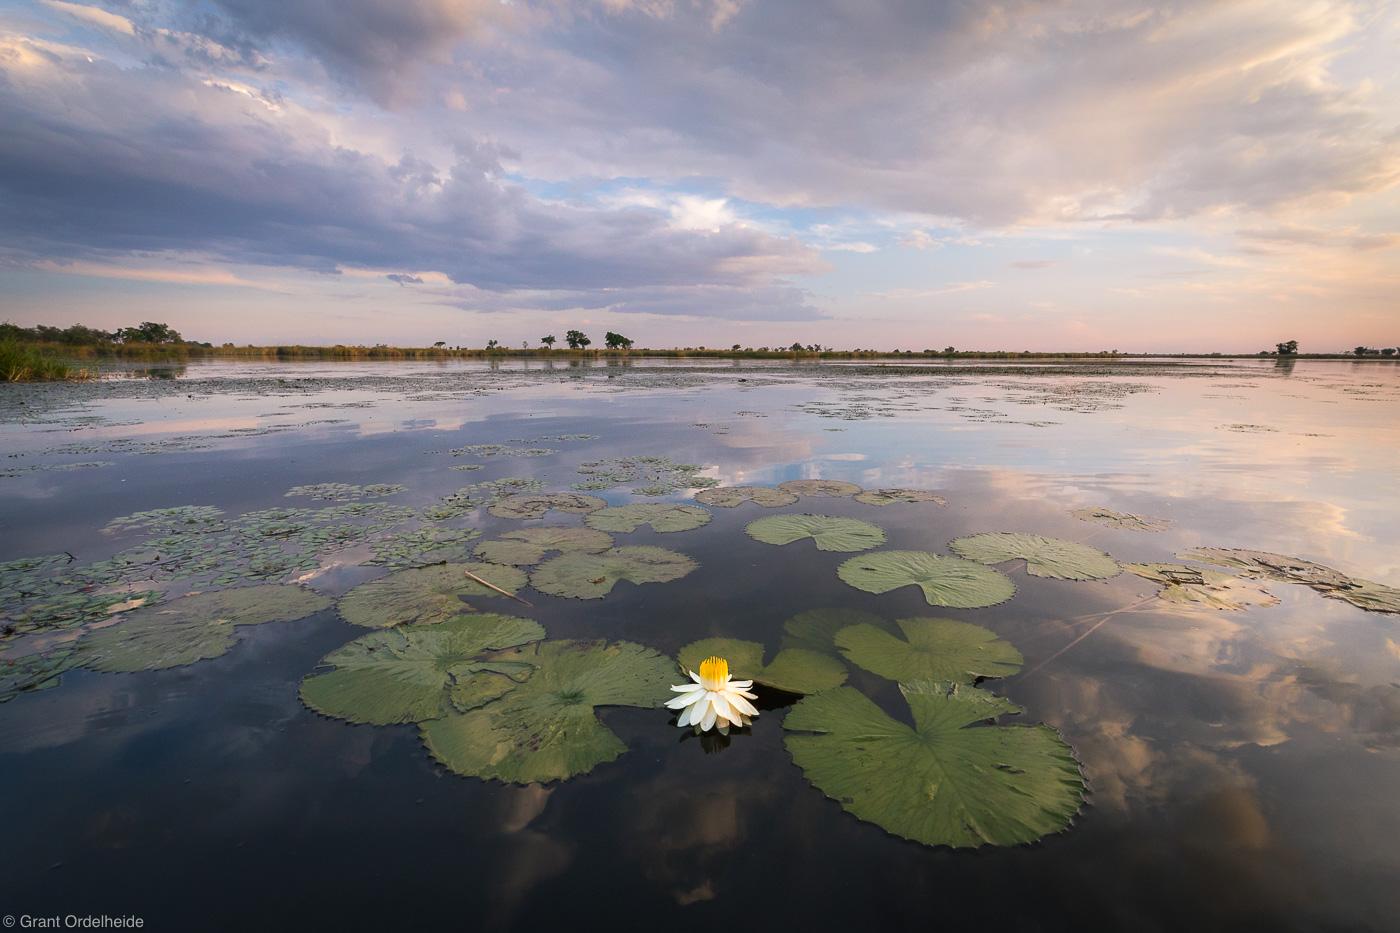 okavango, sunset, delta, botswana, night-blooming, waterlily, sunset, river,, photo